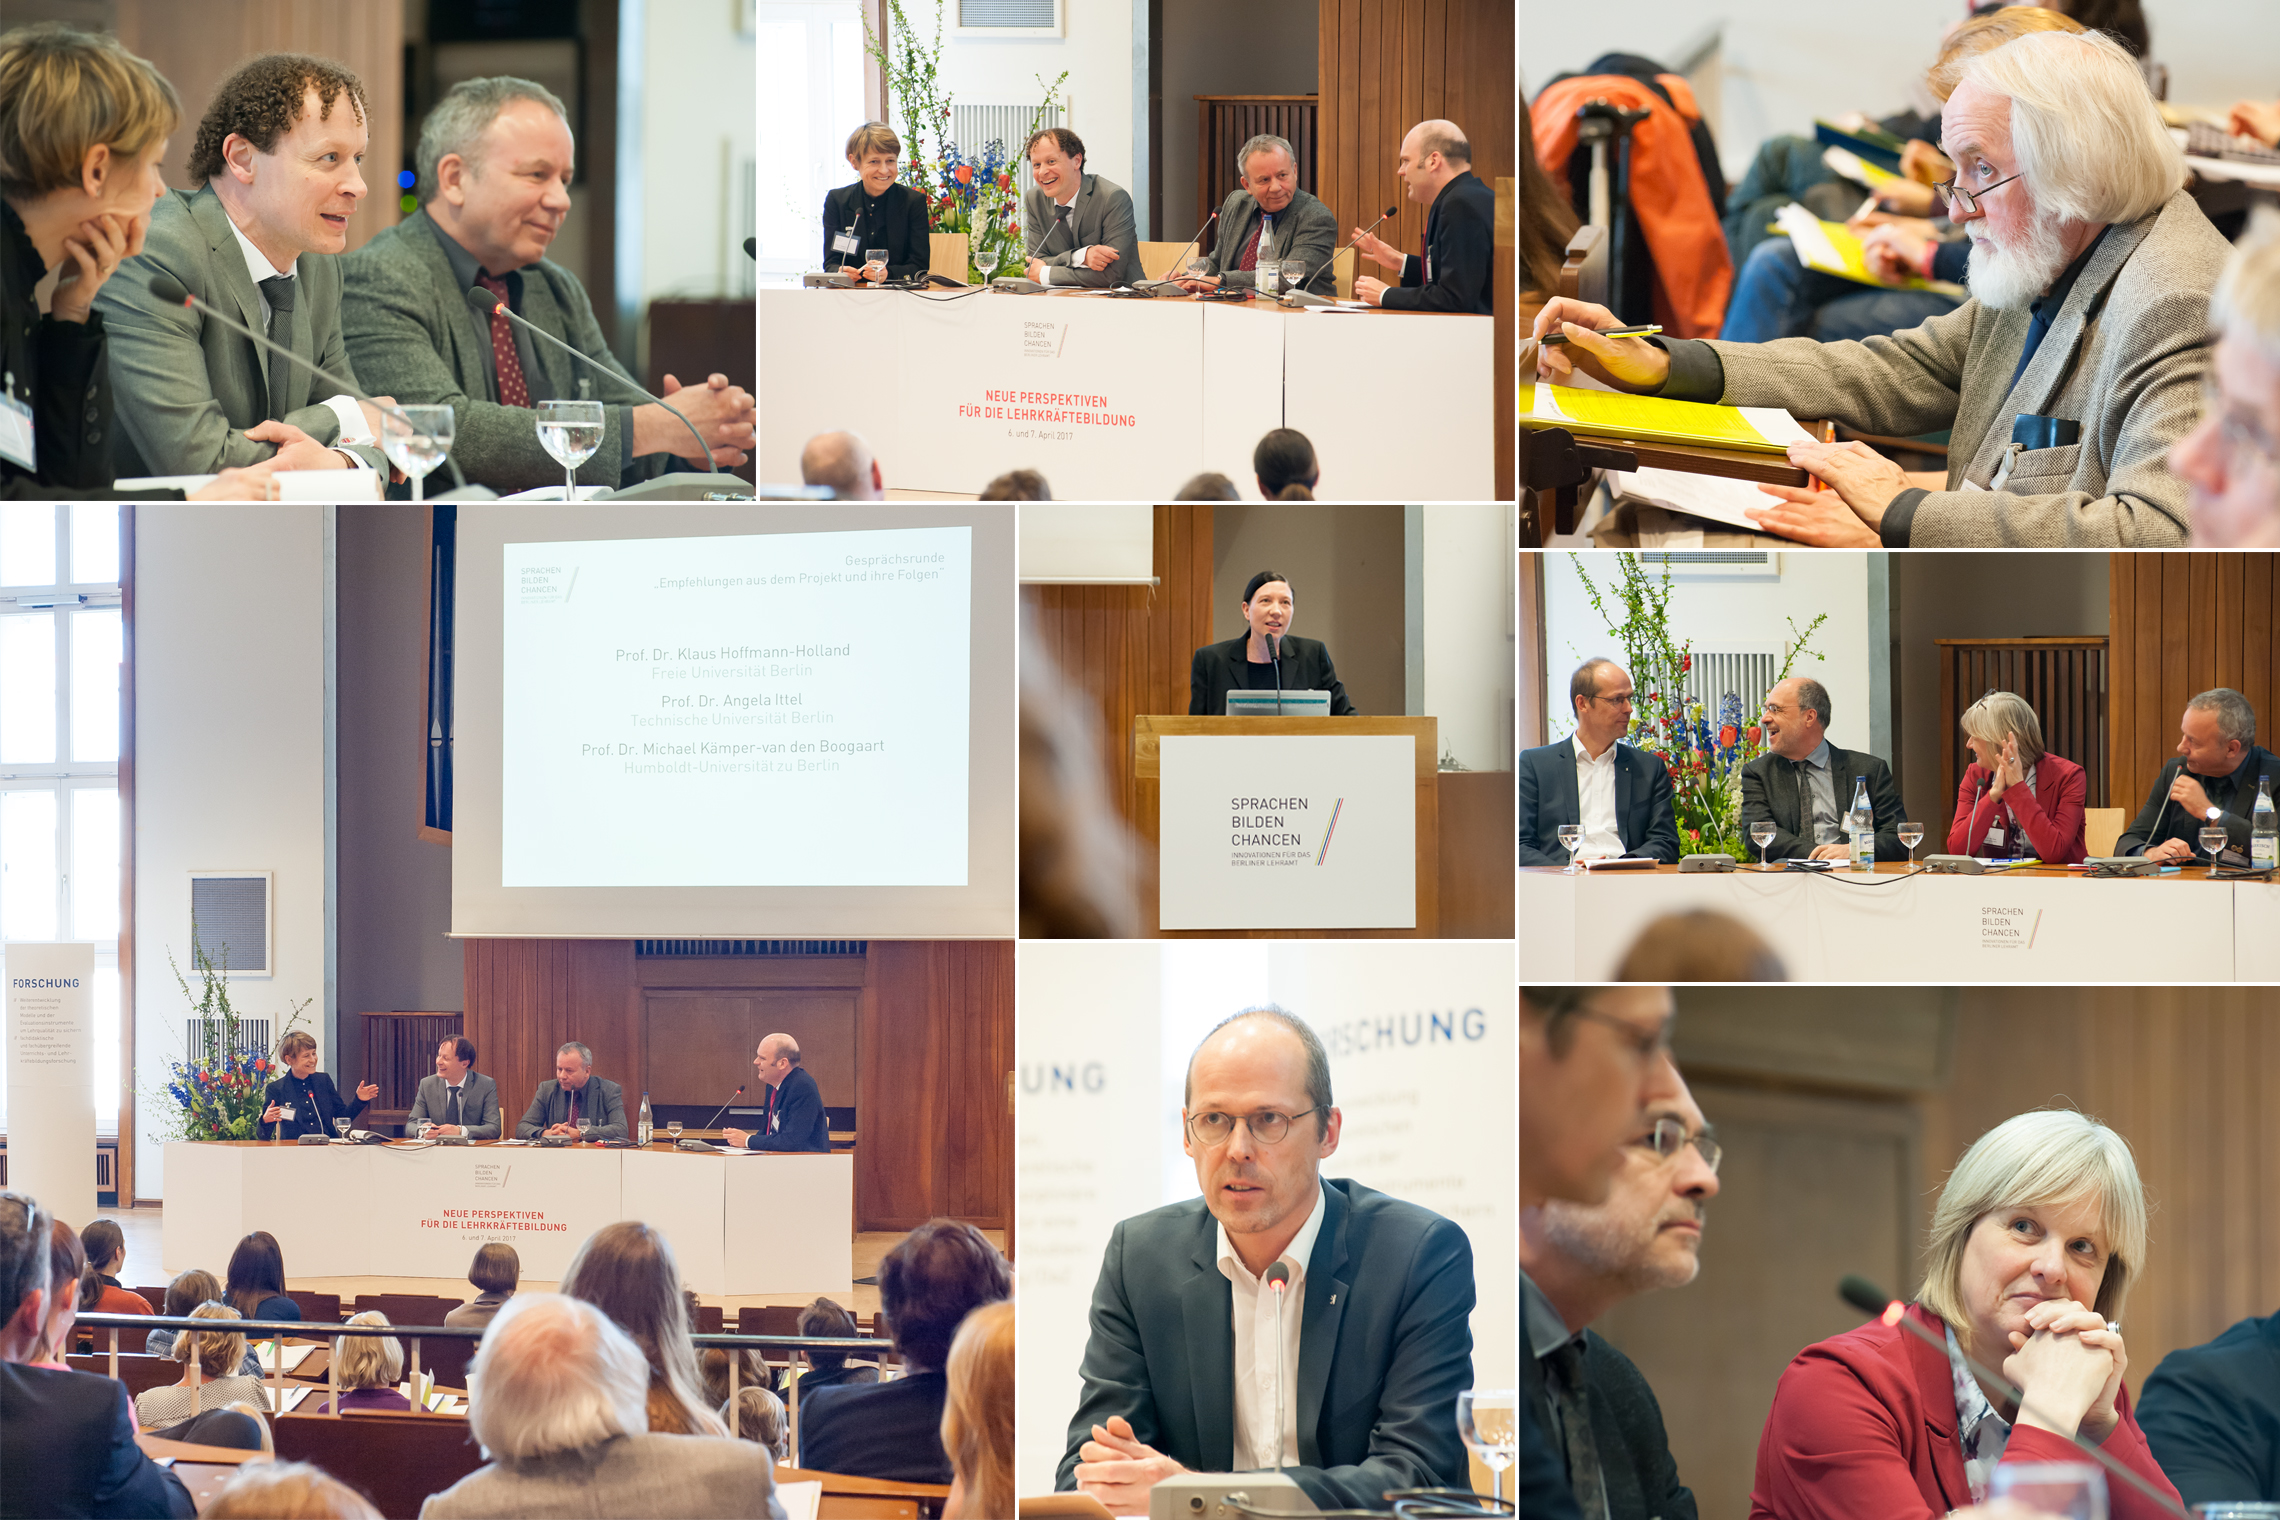 Veranstaltungs-Fotografie-SprachenBildenChancen-FotoCaroHoene-141